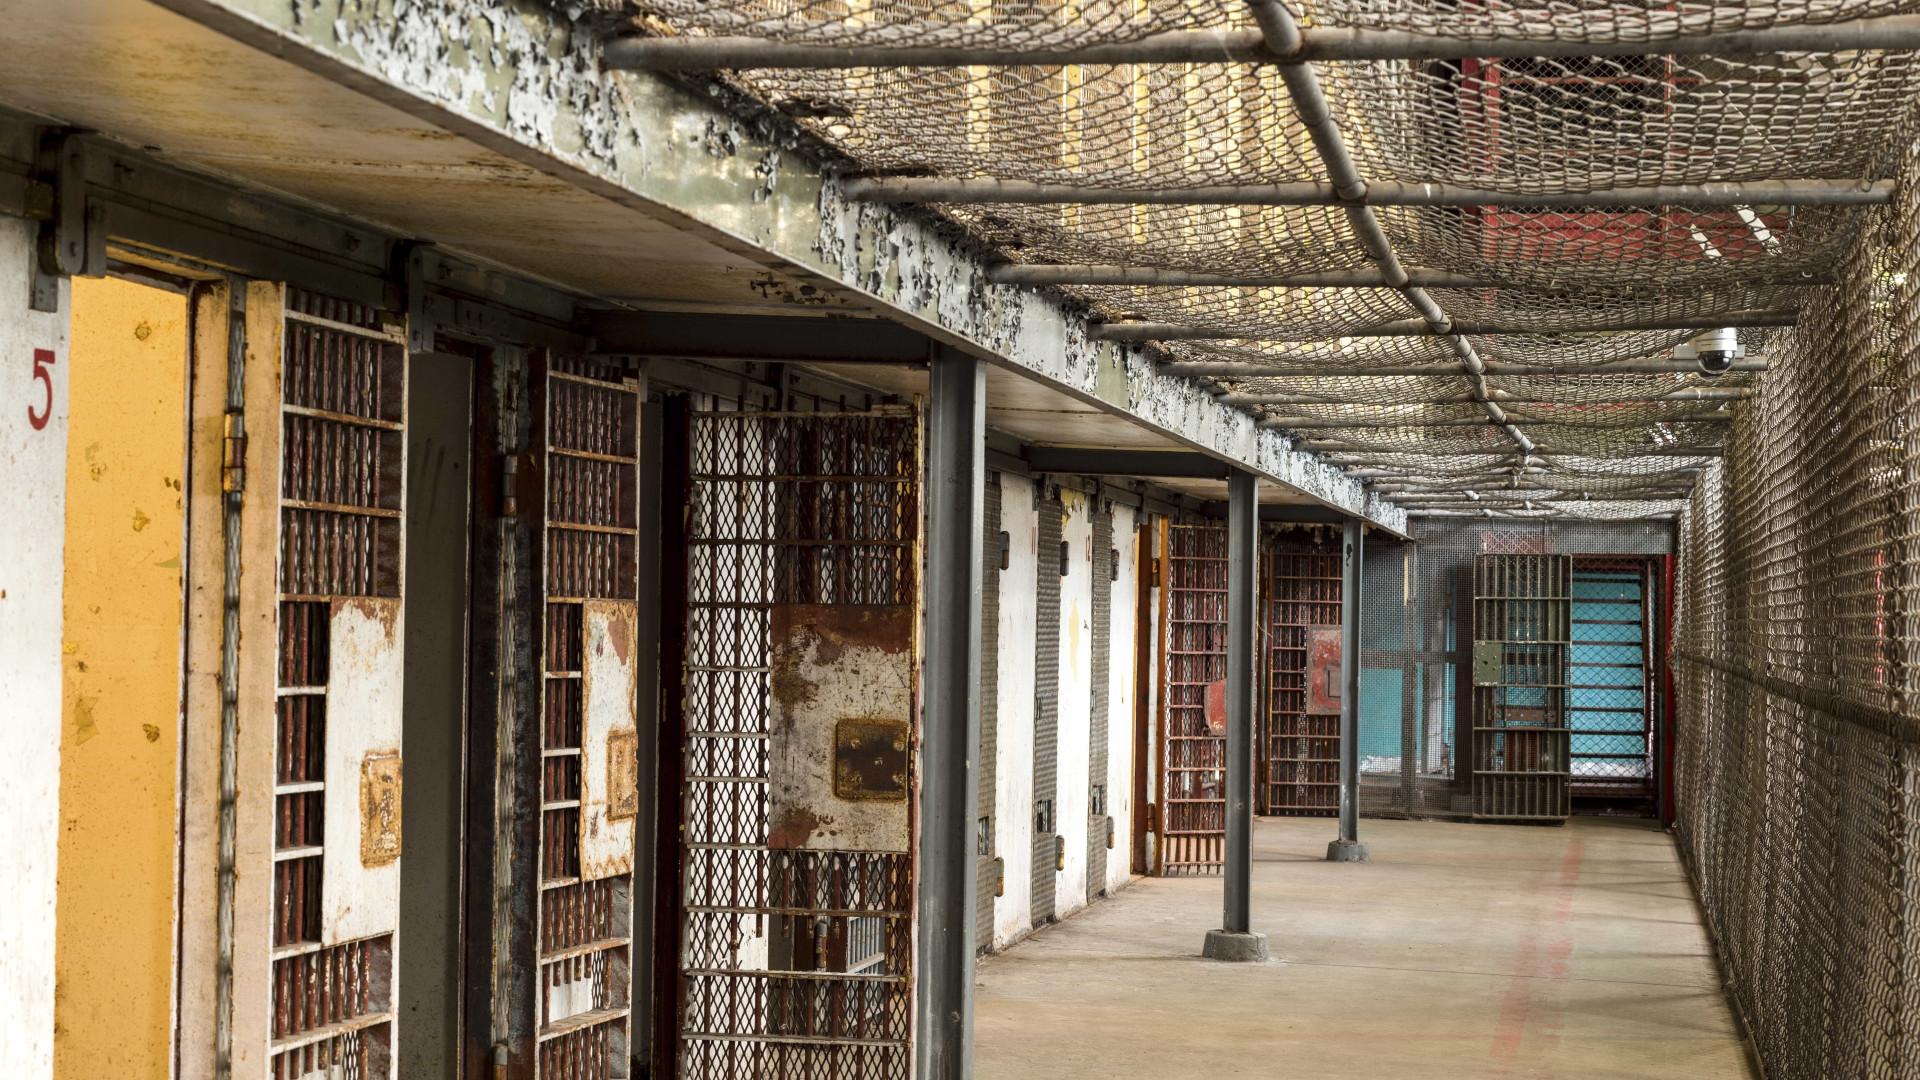 Preso é morto em cela 1 hora após dar entrada no presídio